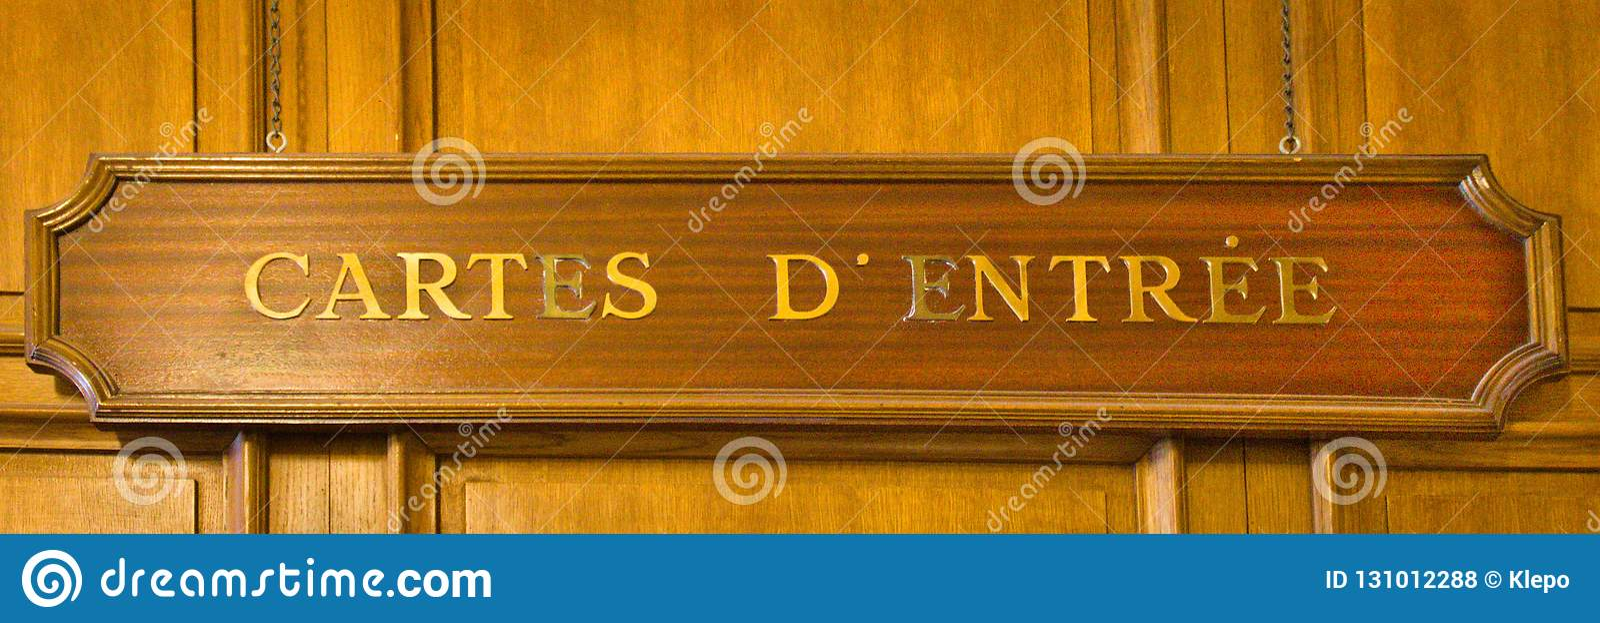 A wooden cartes d`entree sign